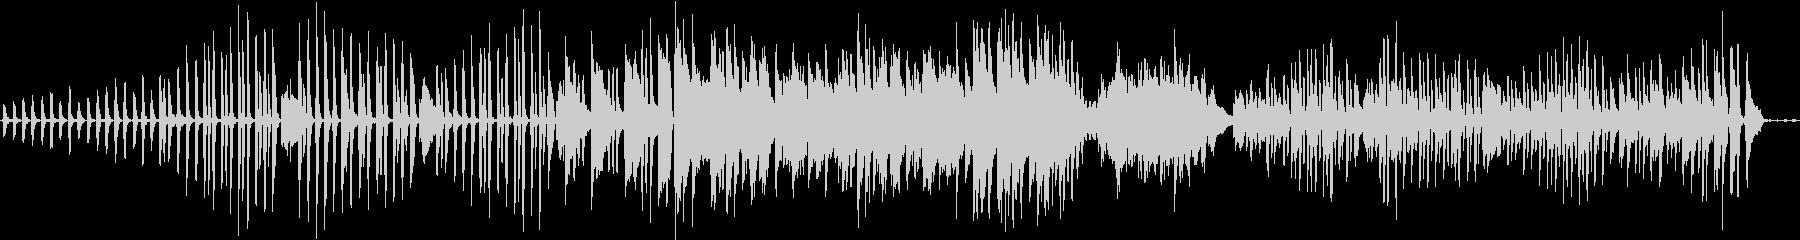 クラシックピアノ生演奏の未再生の波形